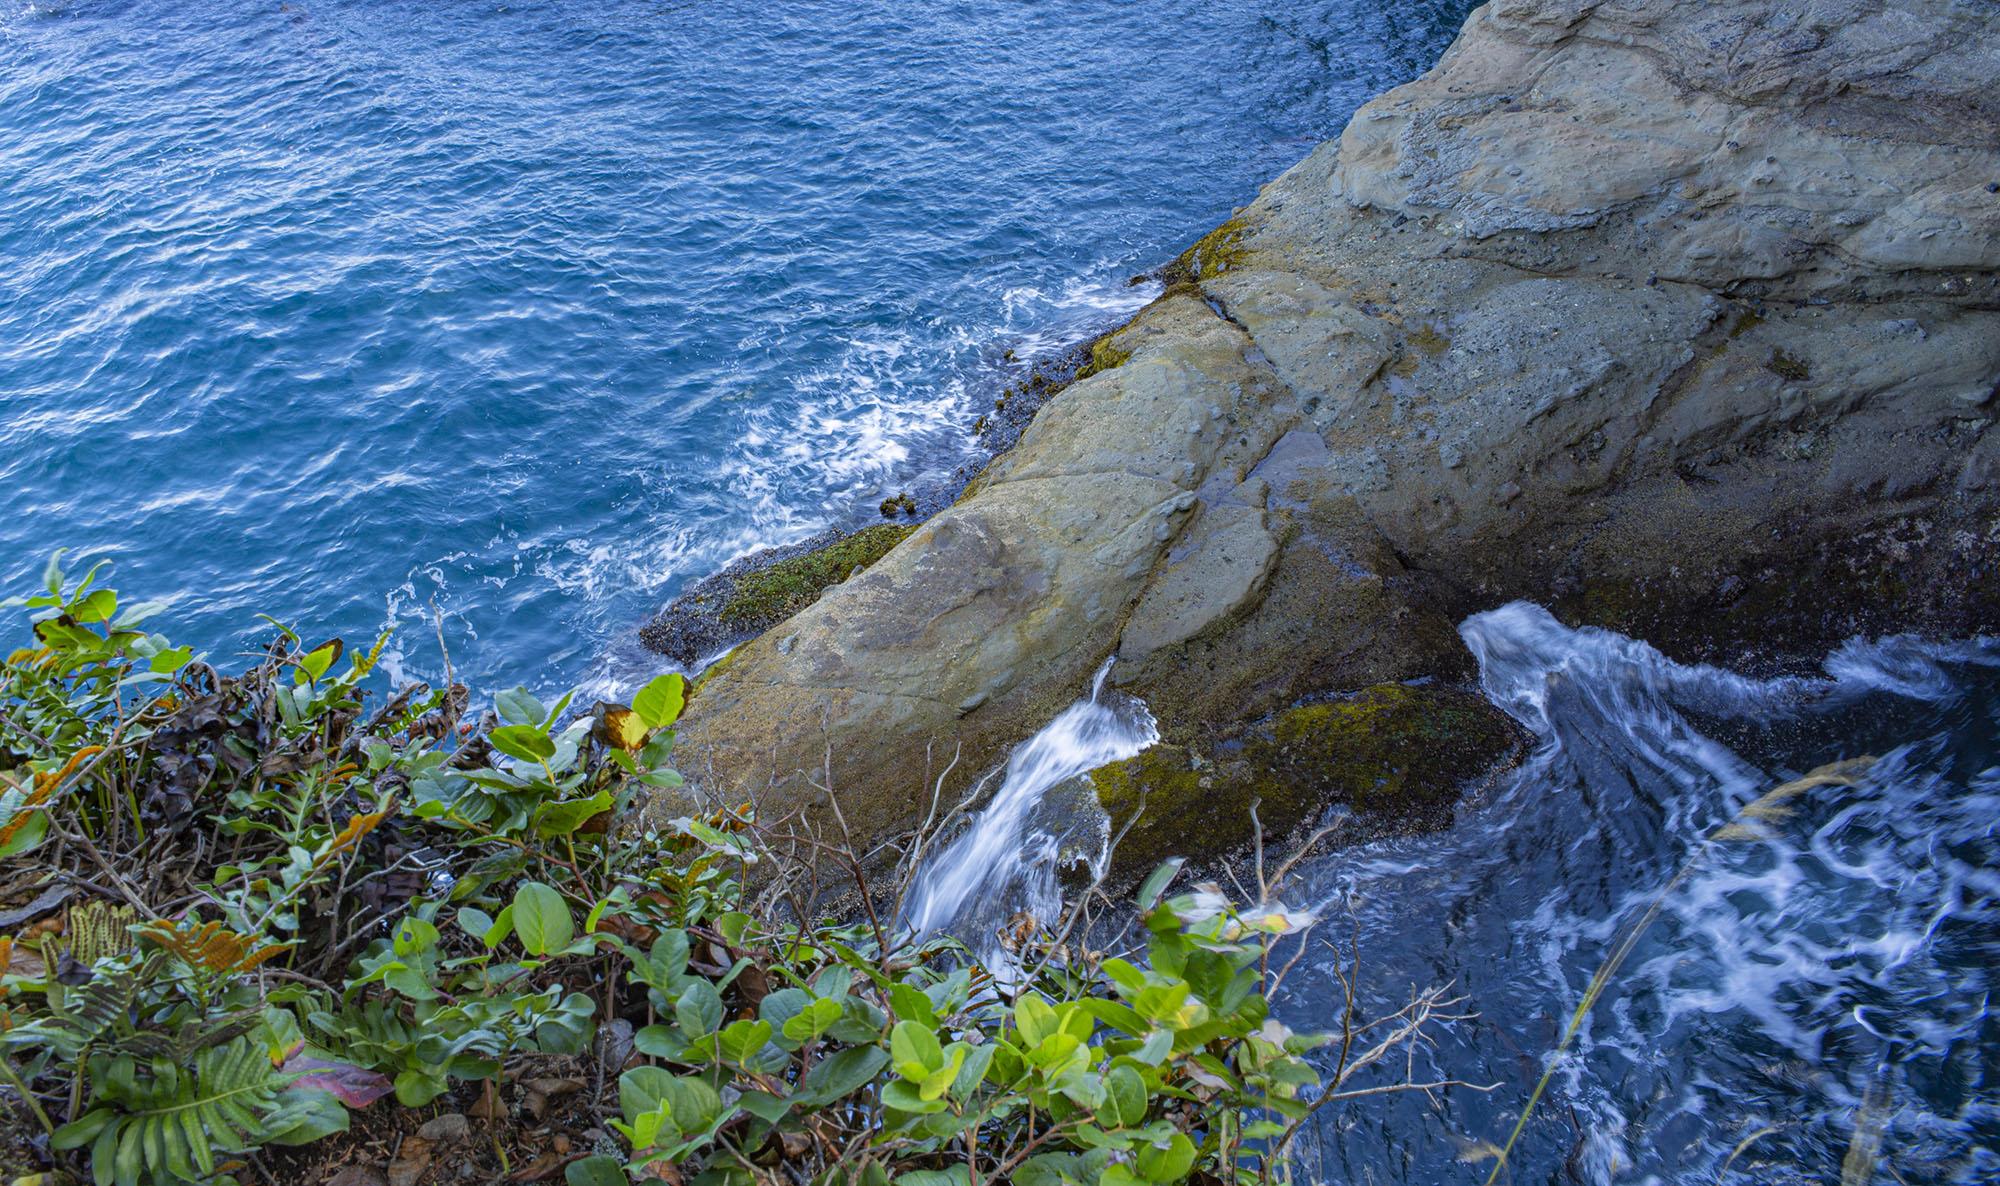 山和海的彼端 | Olympic National Park 游记 极西篇